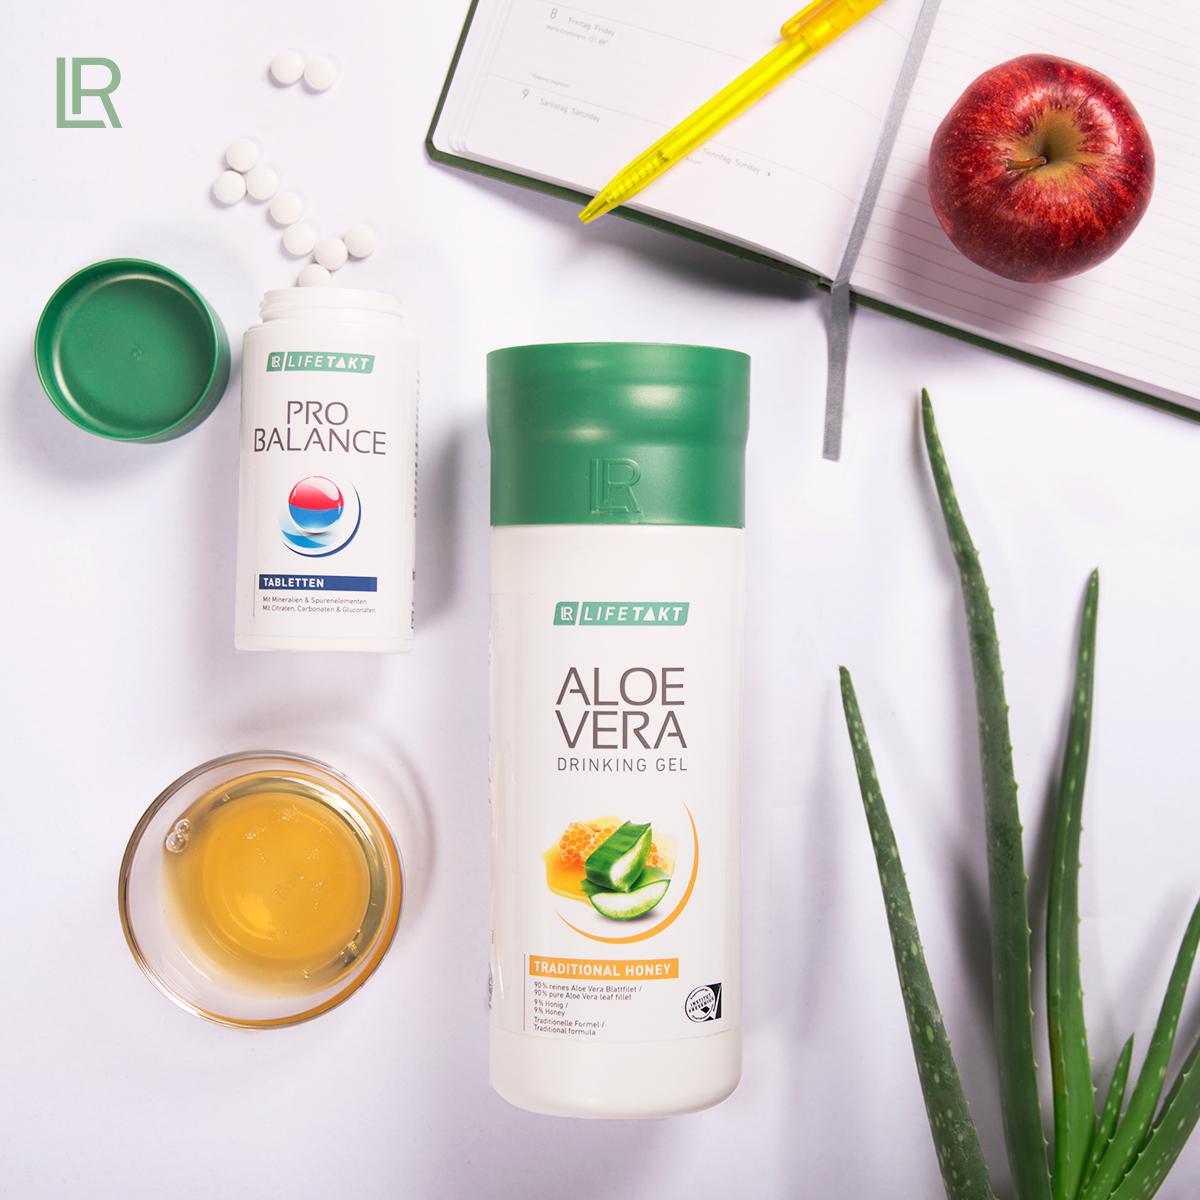 Hyvinvointikoitiin LR-verkkokauppa - Laadukkaita LR Health&Beauty hyvinvointituotteita